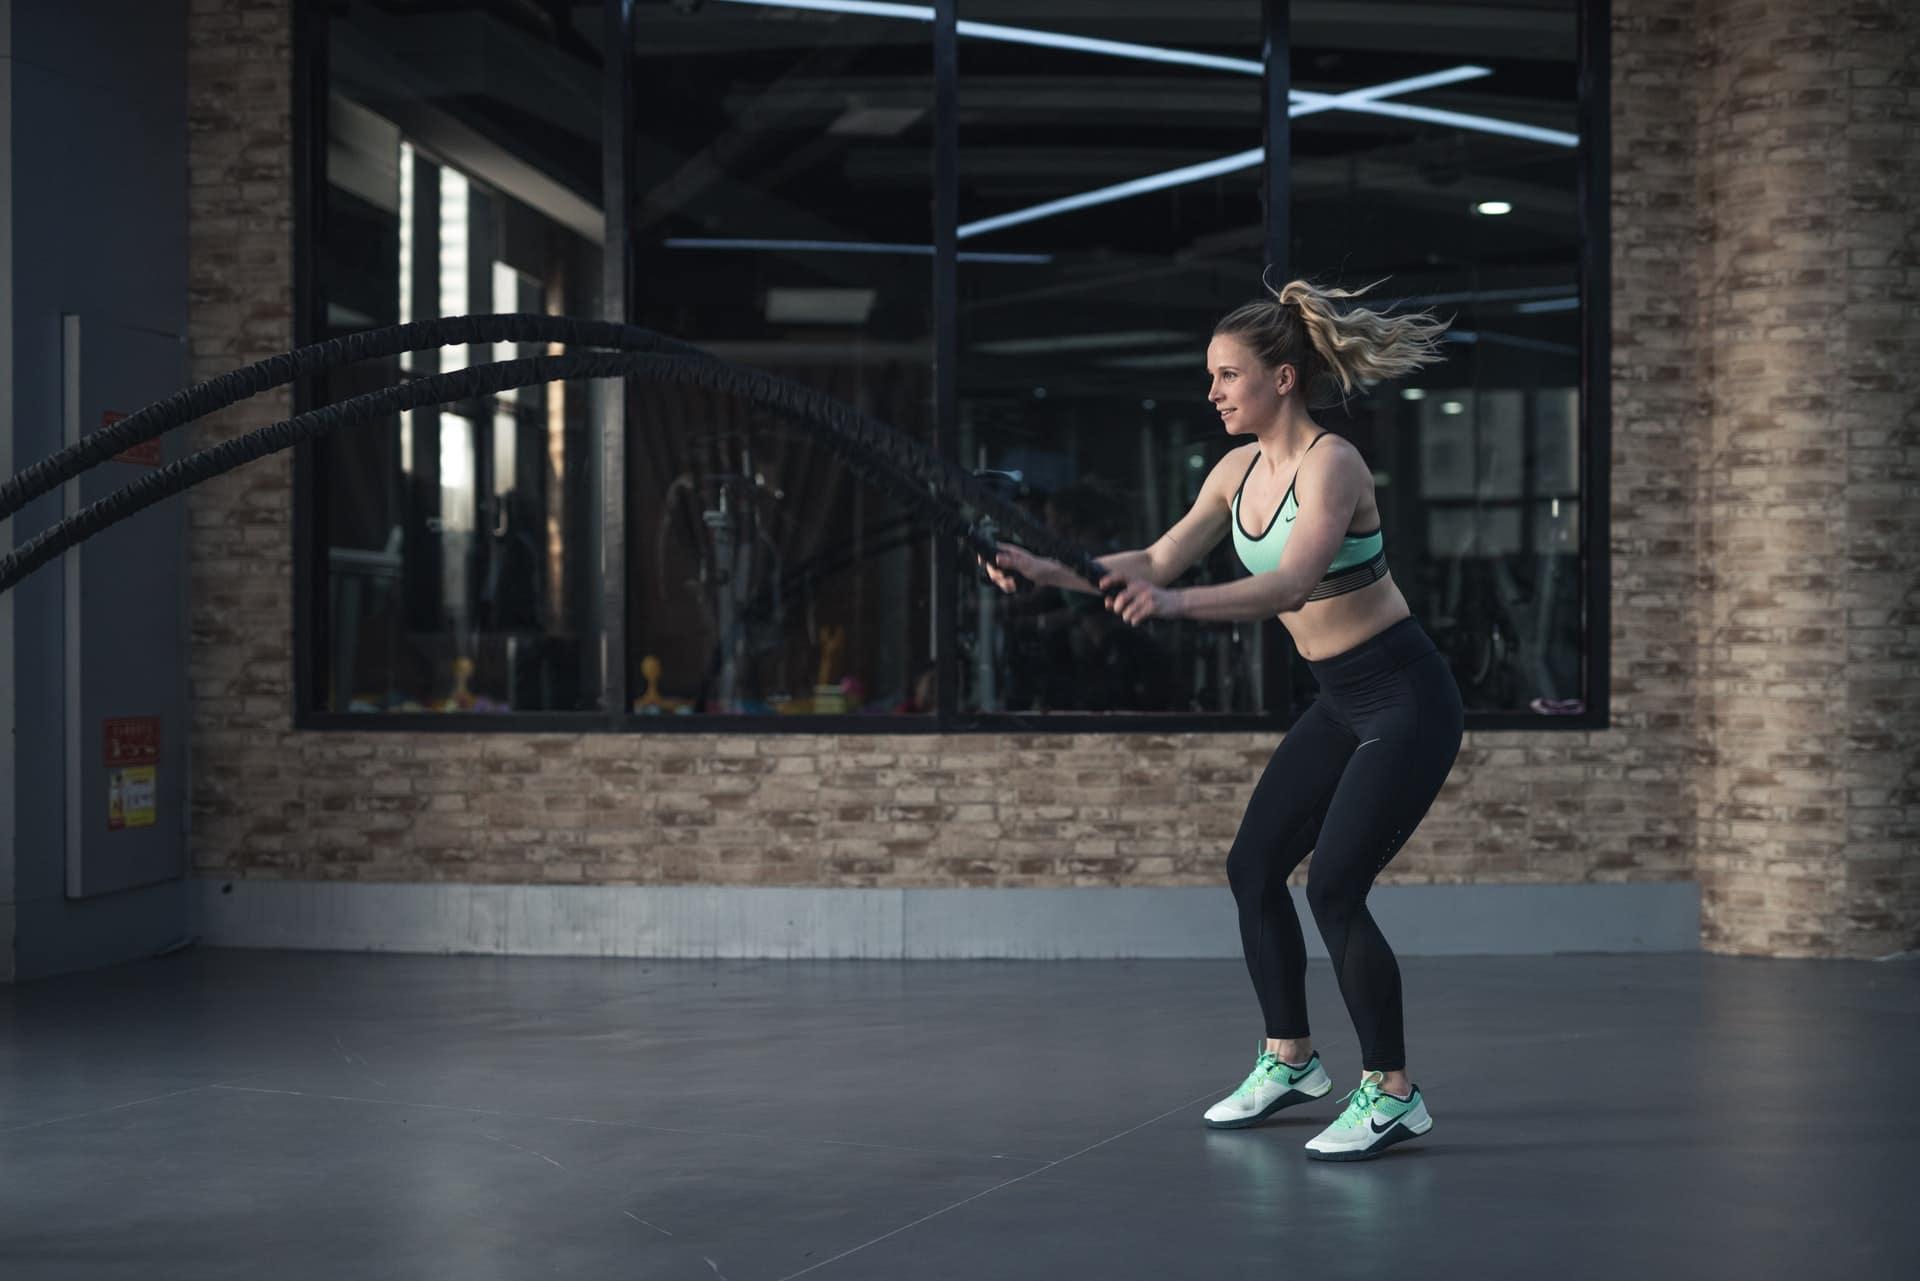 La lesión más común en el fitness